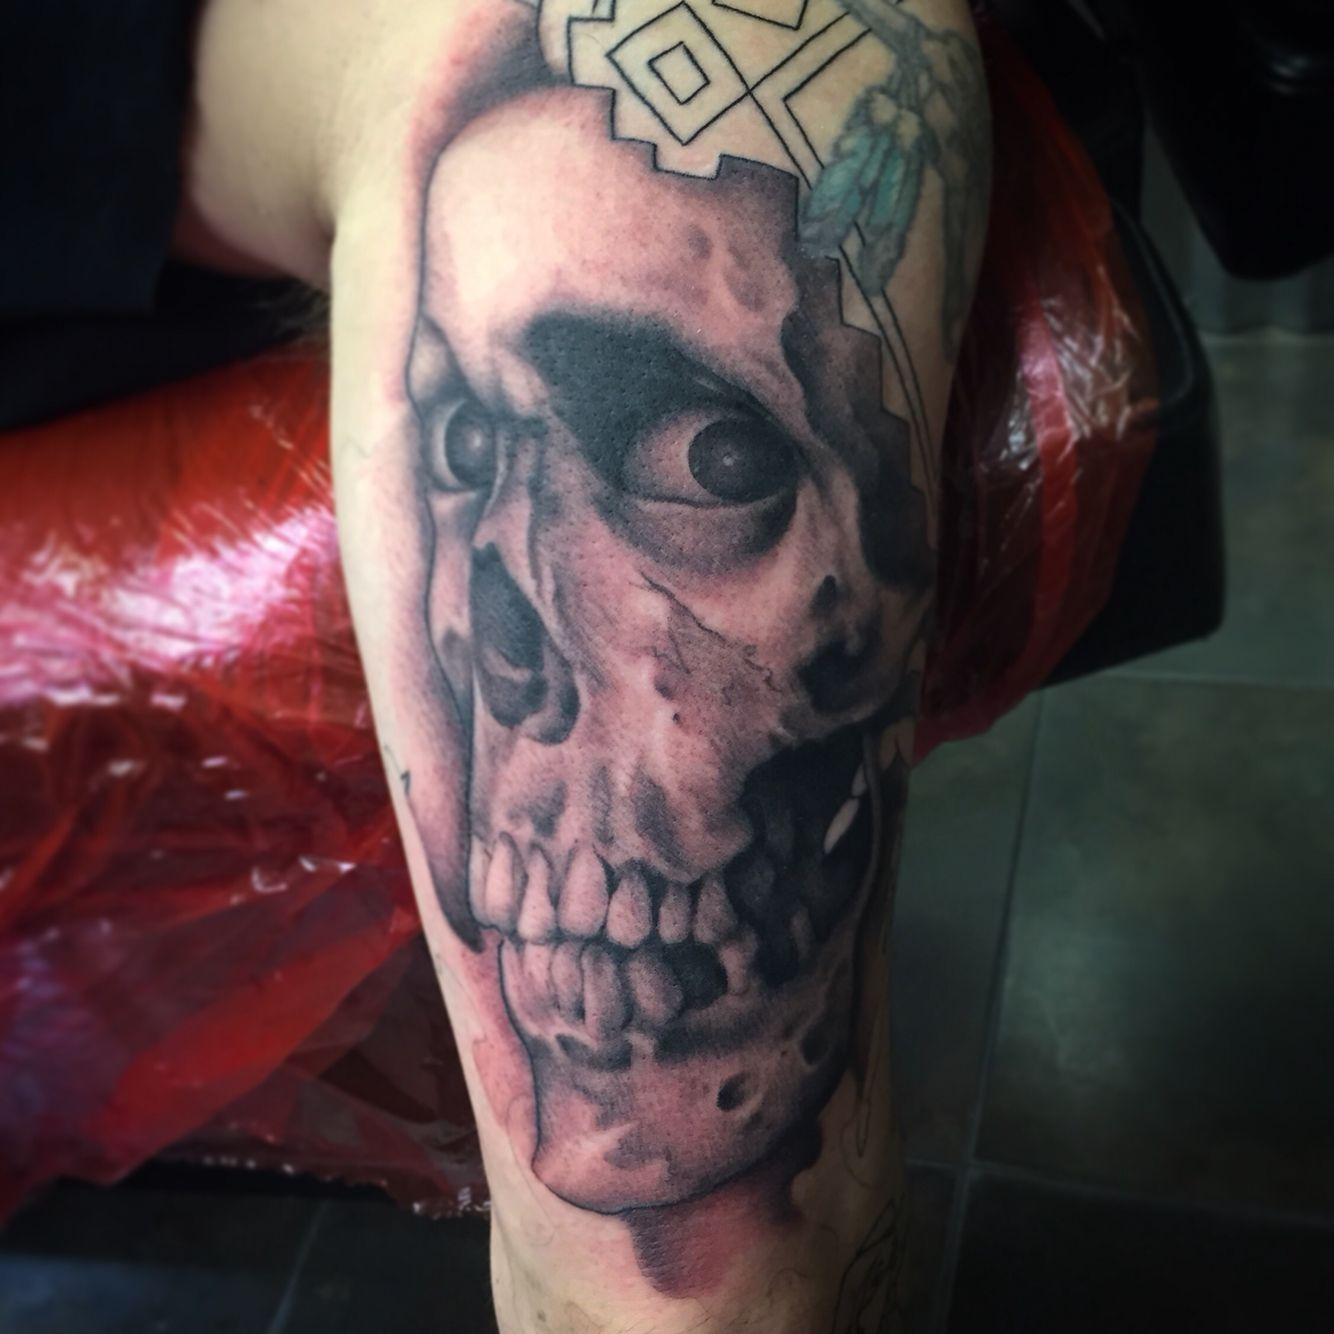 Electric chair tattoo - Tattoo